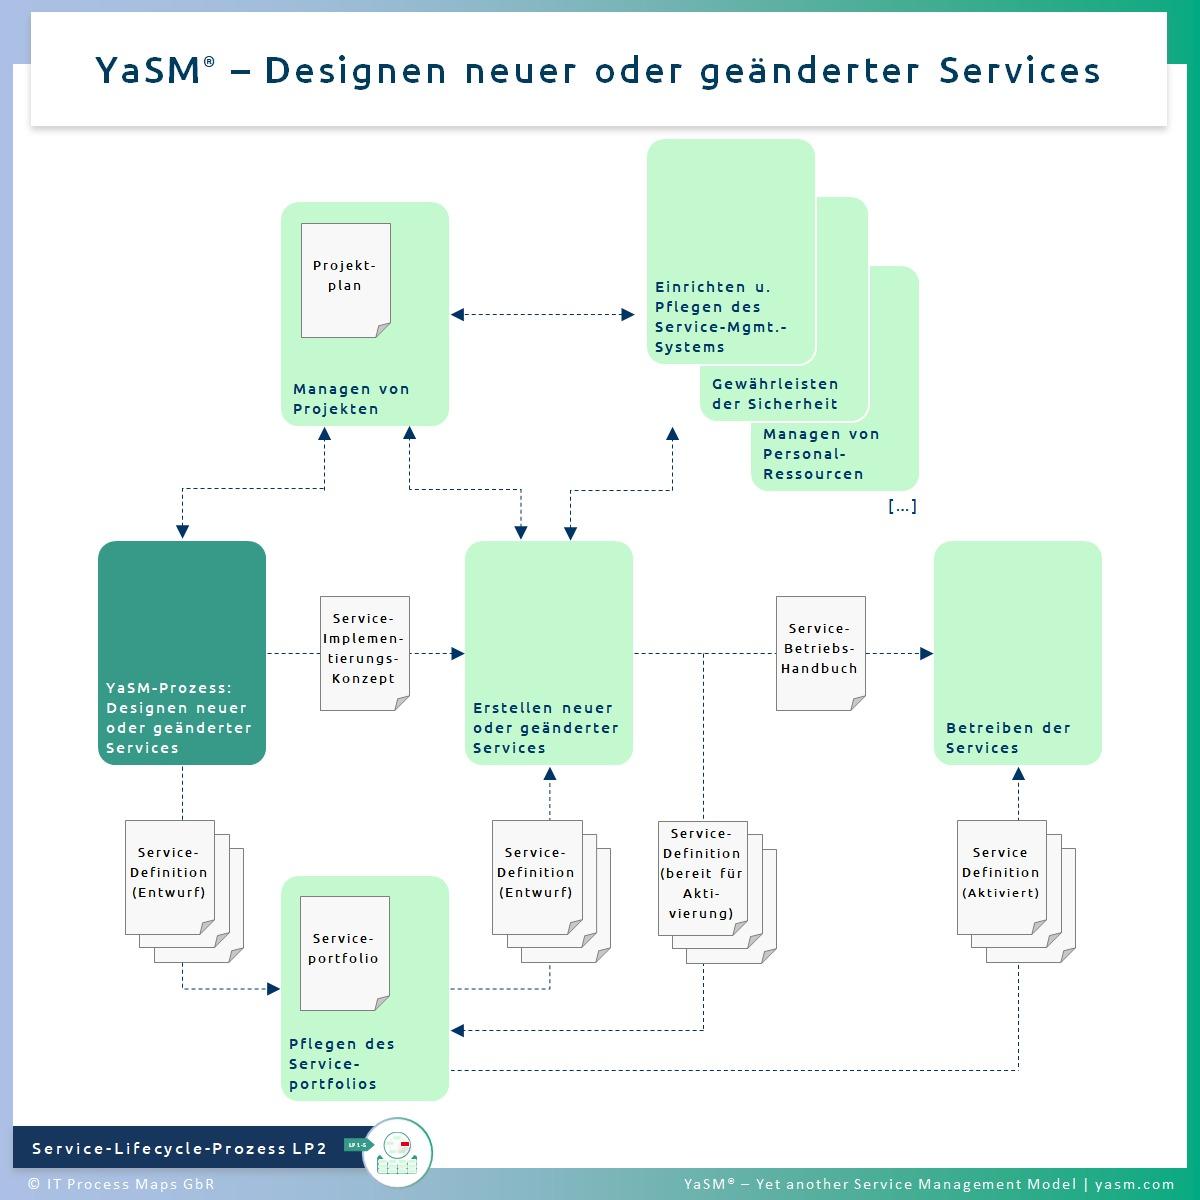 Abb. 1: Designen neuer oder geänderter Services. - YaSM Service-Design-Prozess LP2.